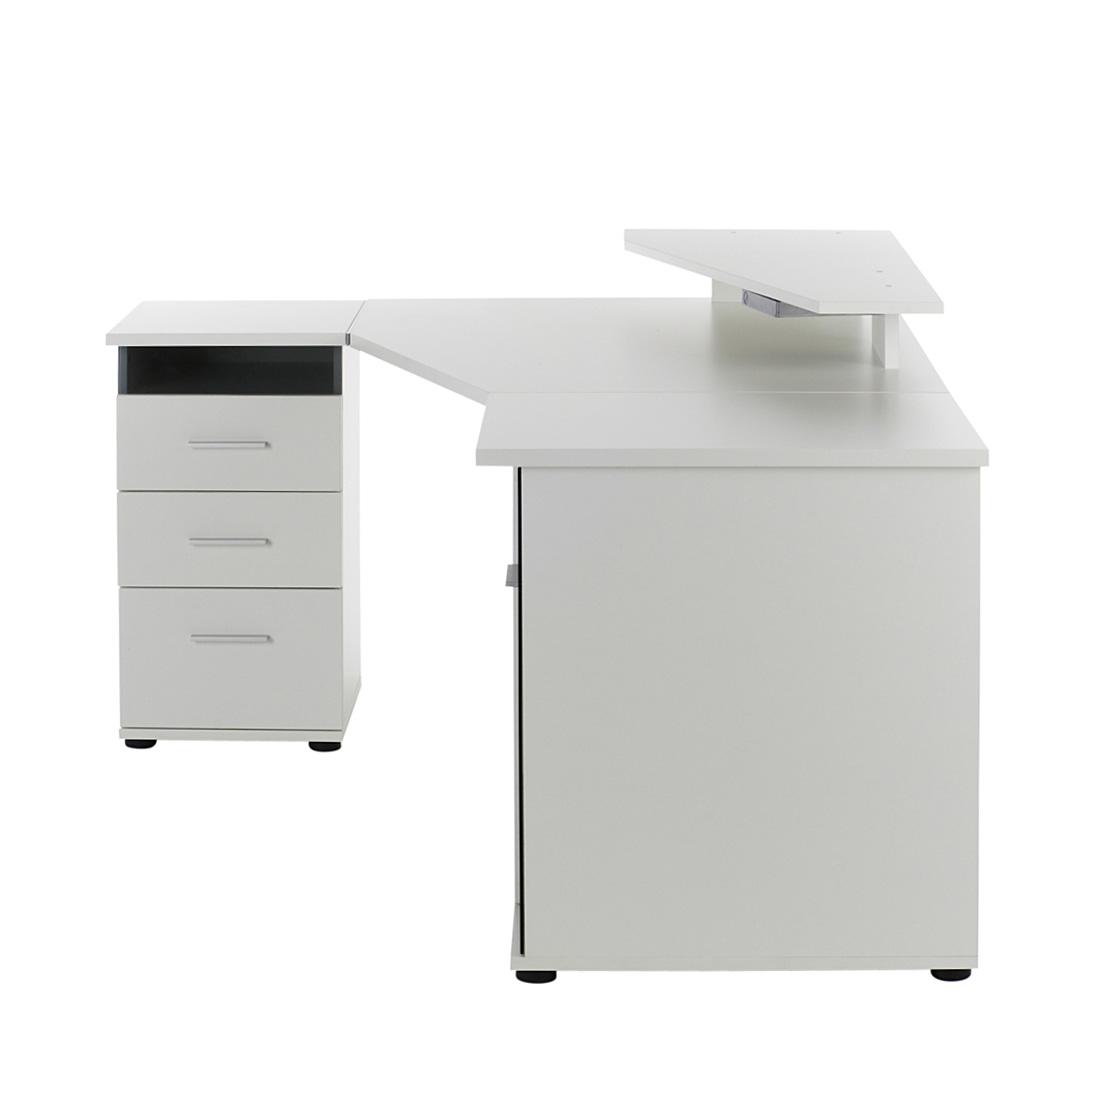 Eckschreibtisch weiß hochglanz  PC Eckschreibtisch Weiß Hochglanz Computertisch Schreibtisch ...